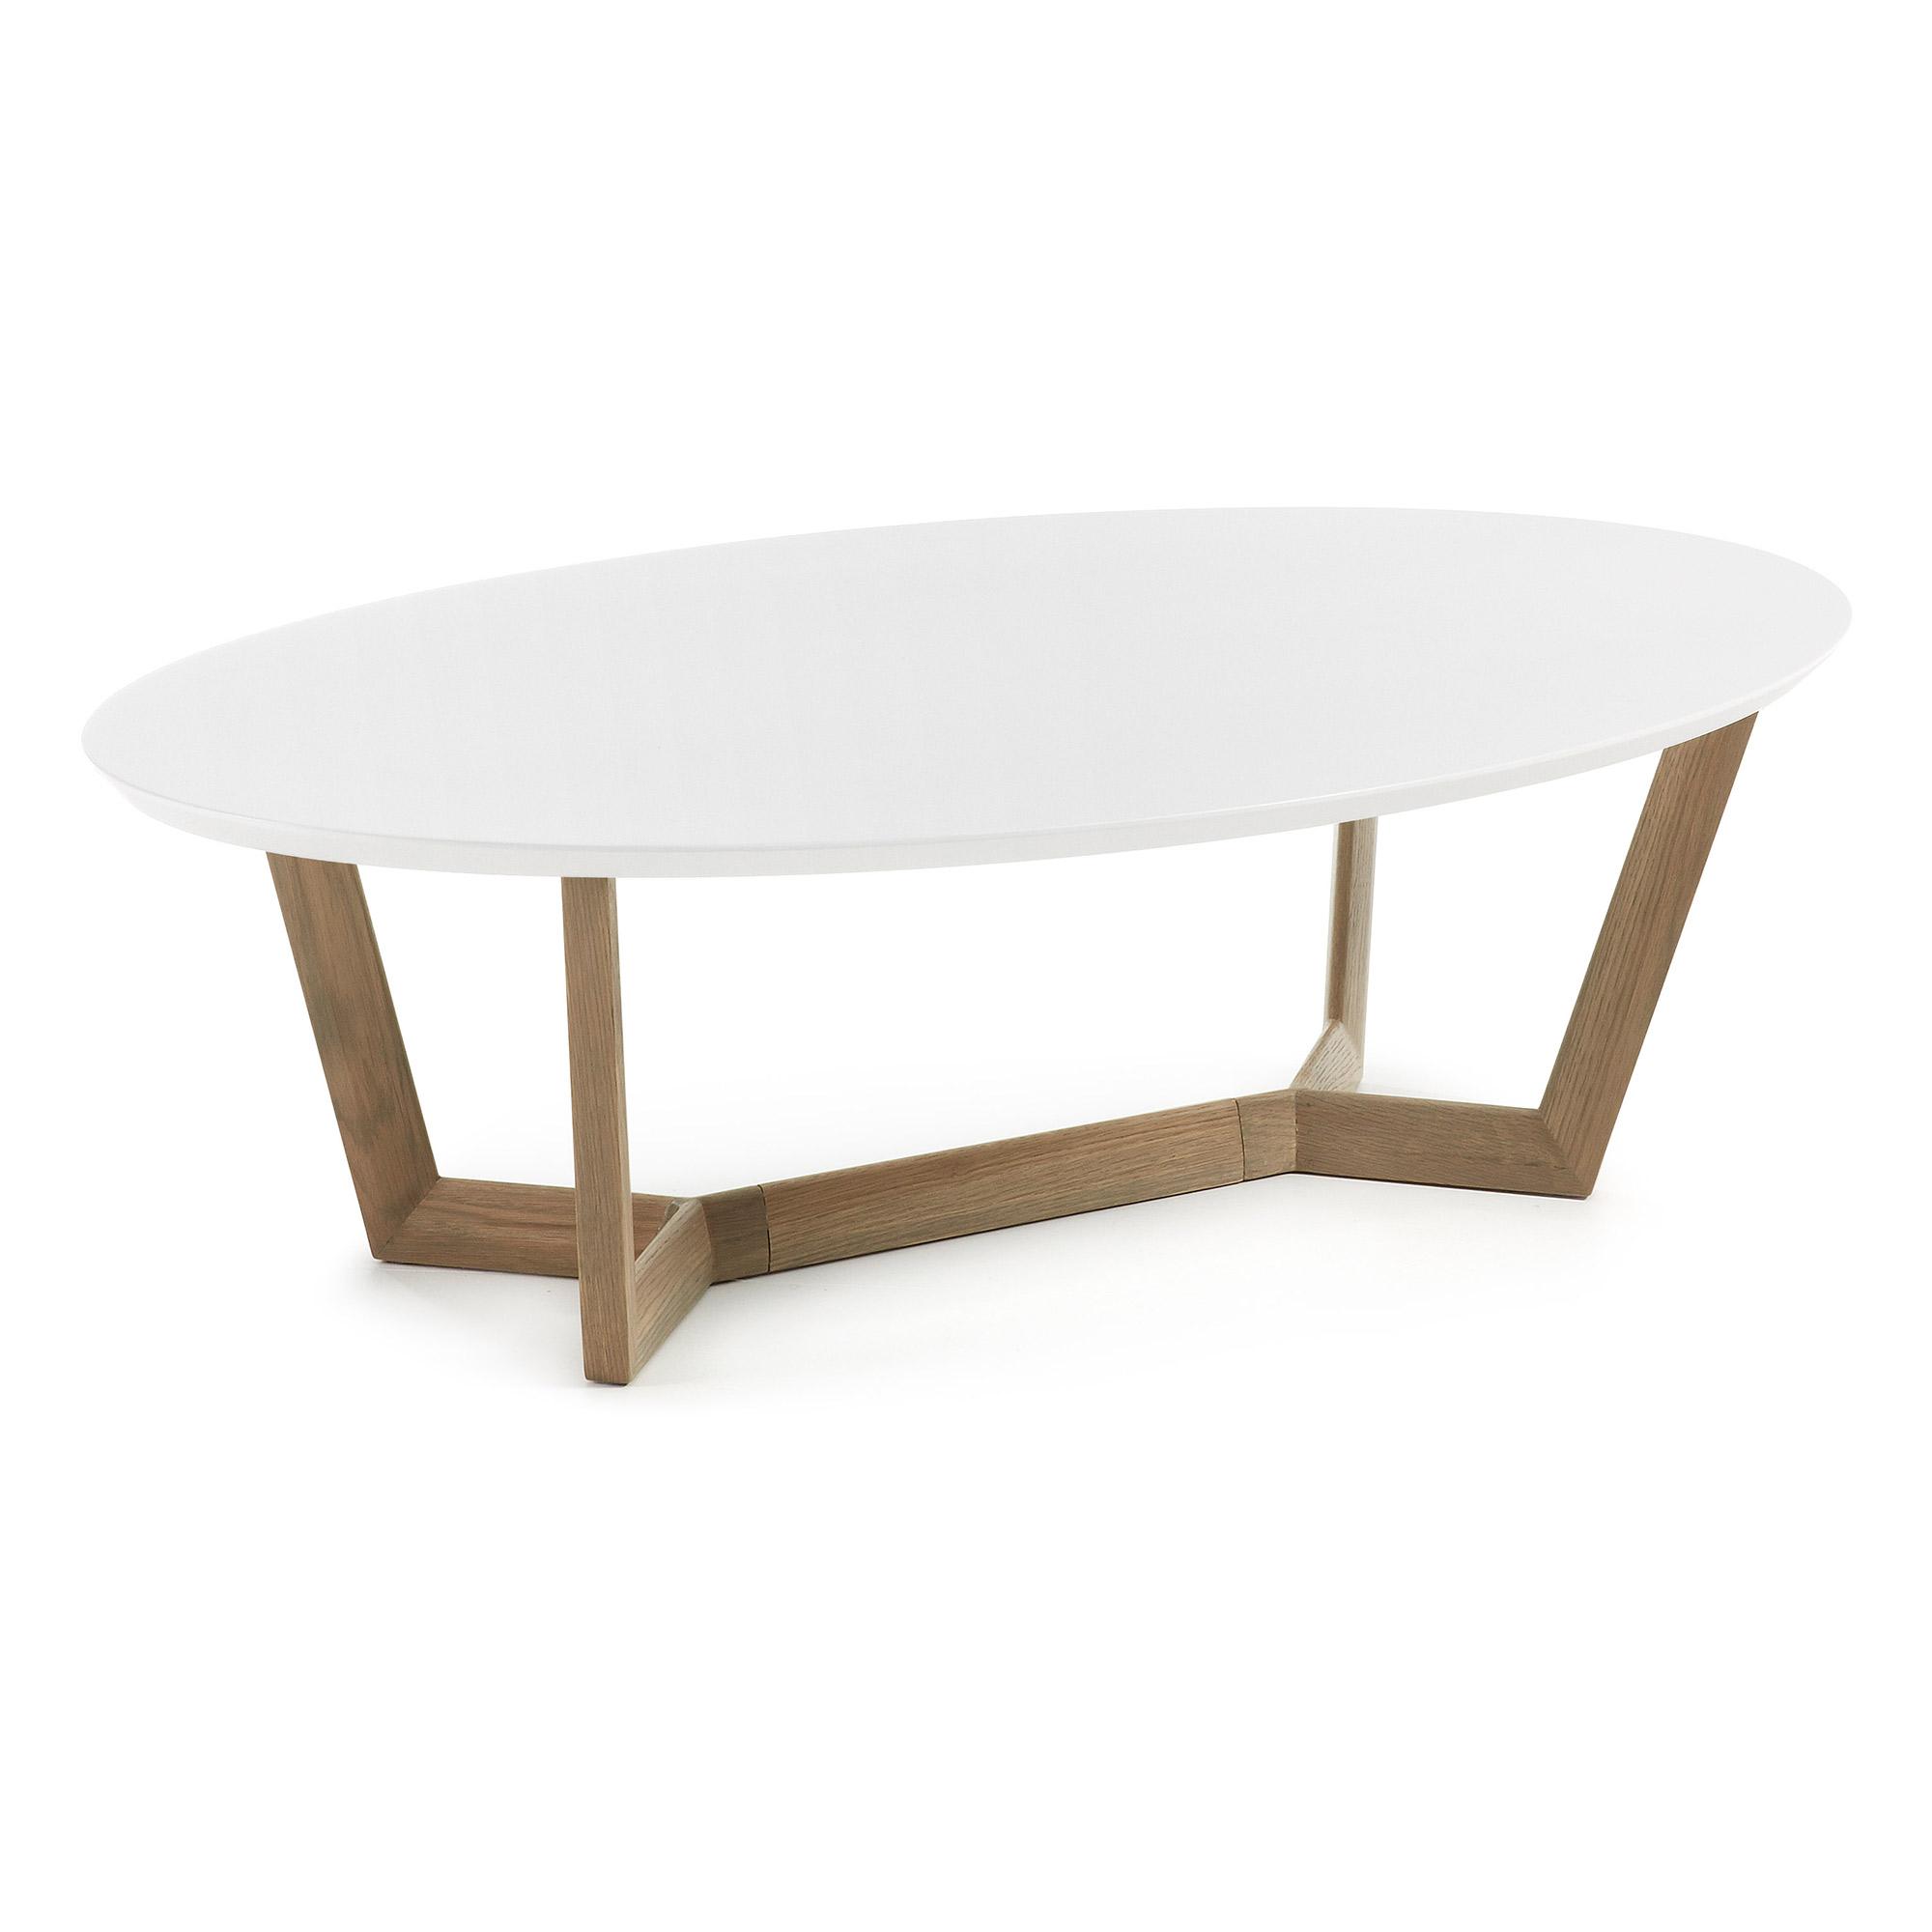 LAFORMA Surf sofabord - hvid/grå træ/egetræ, oval (120x70)